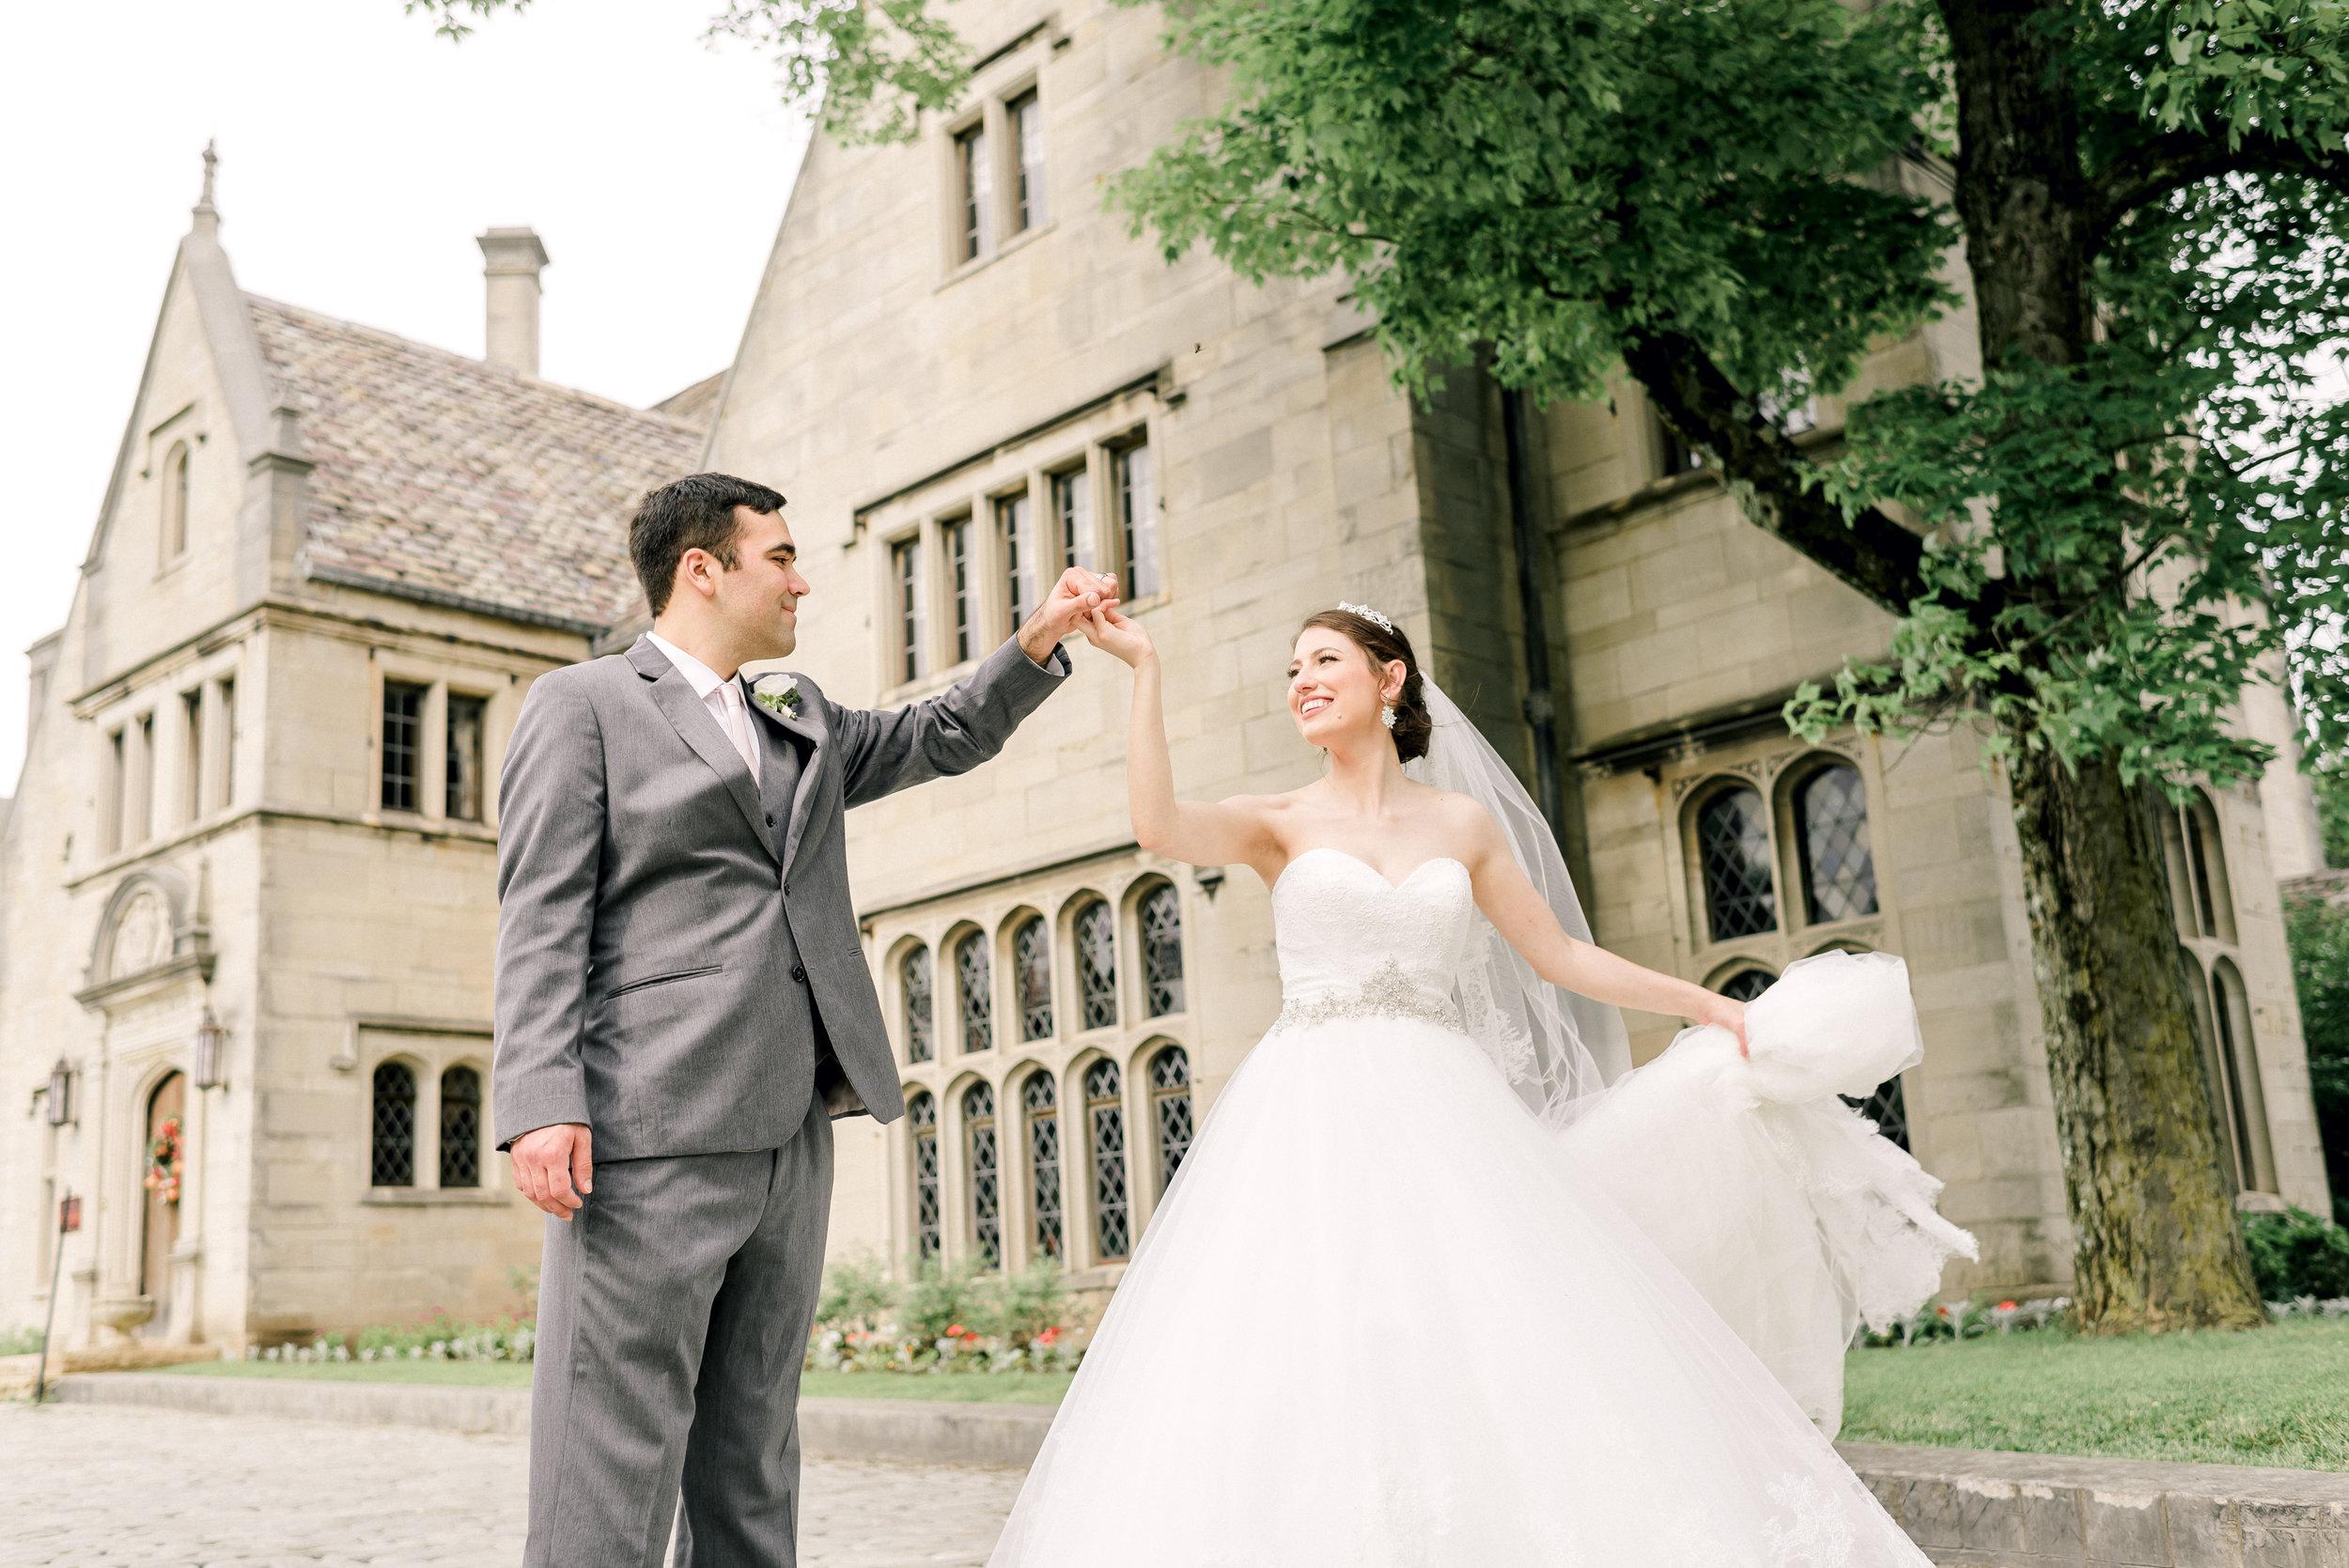 pittsburgh-wedding-photographer-hartwood-acres-0035.jpg